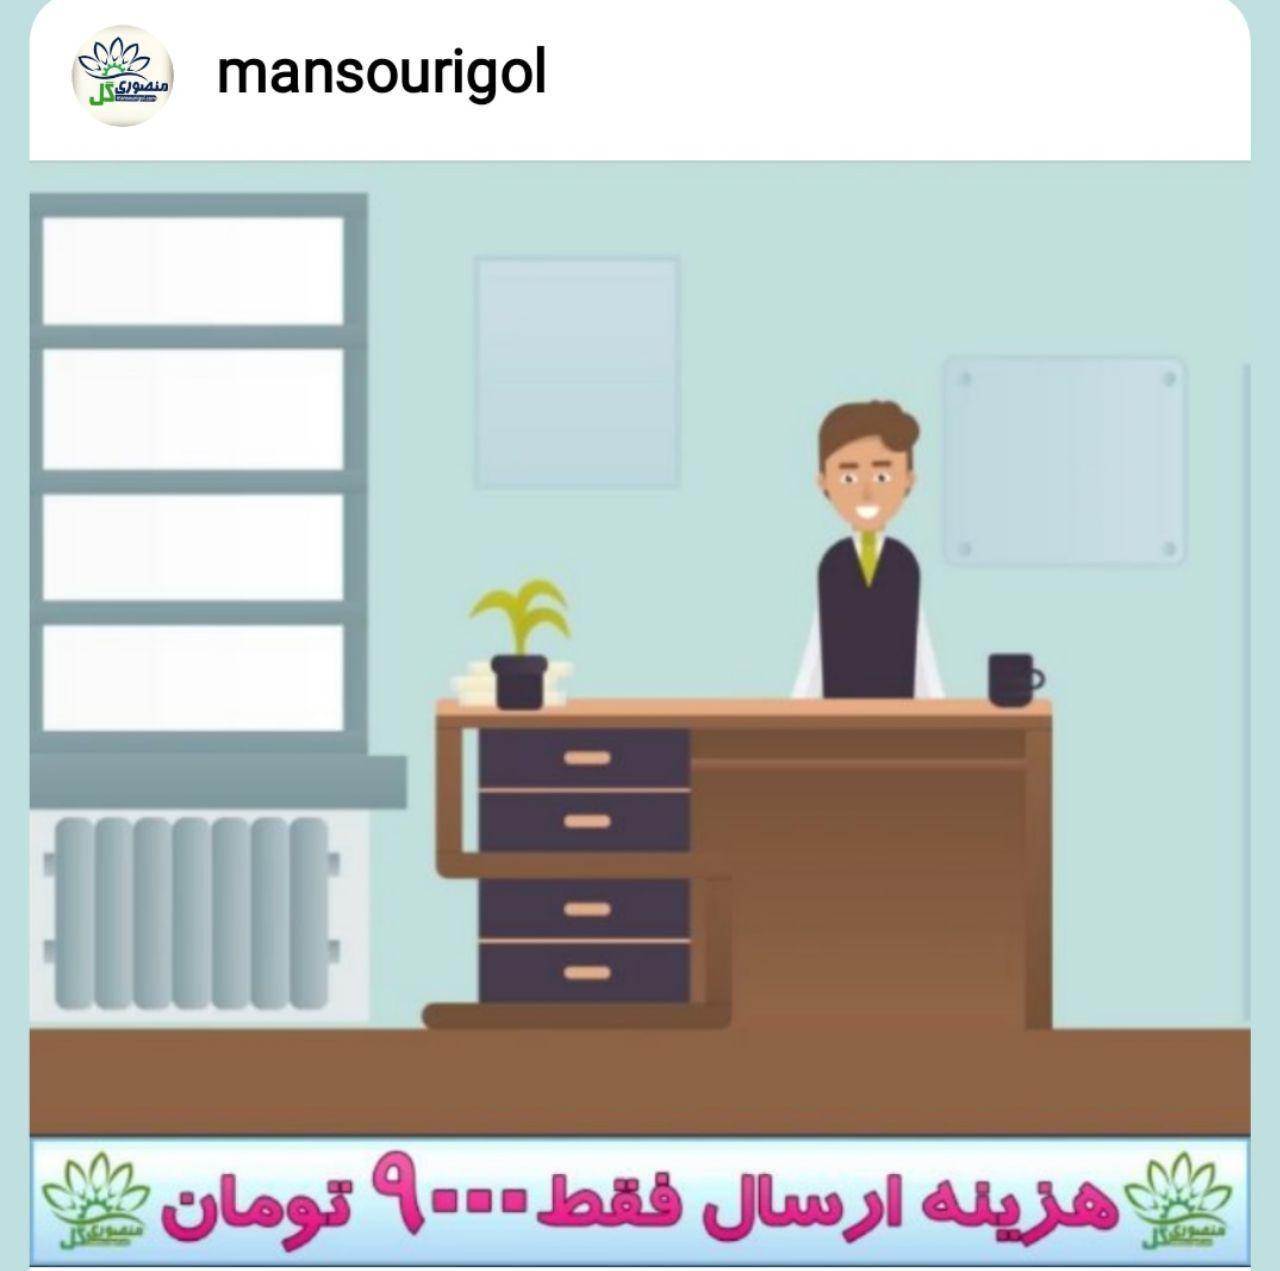 هزینه ارسال منصوری گل به سراسر ایران